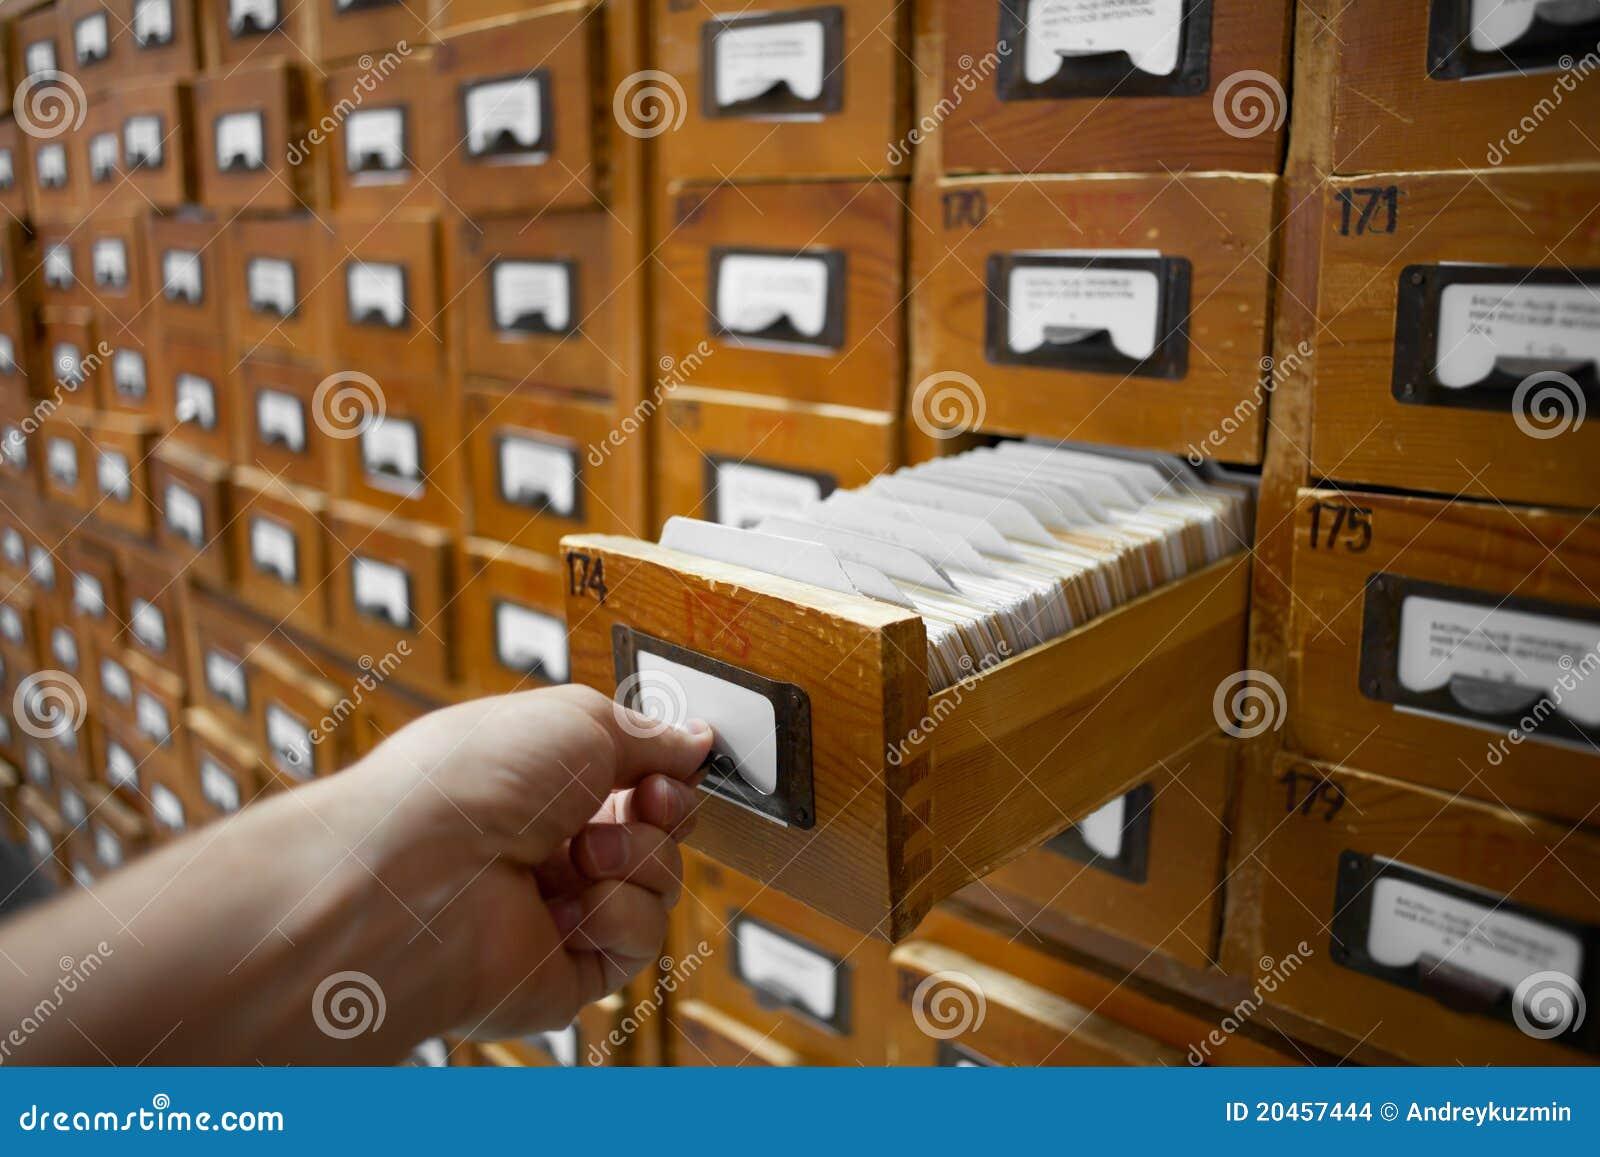 Концепция базы данных. винтаж кабинета. человеческая рука от.